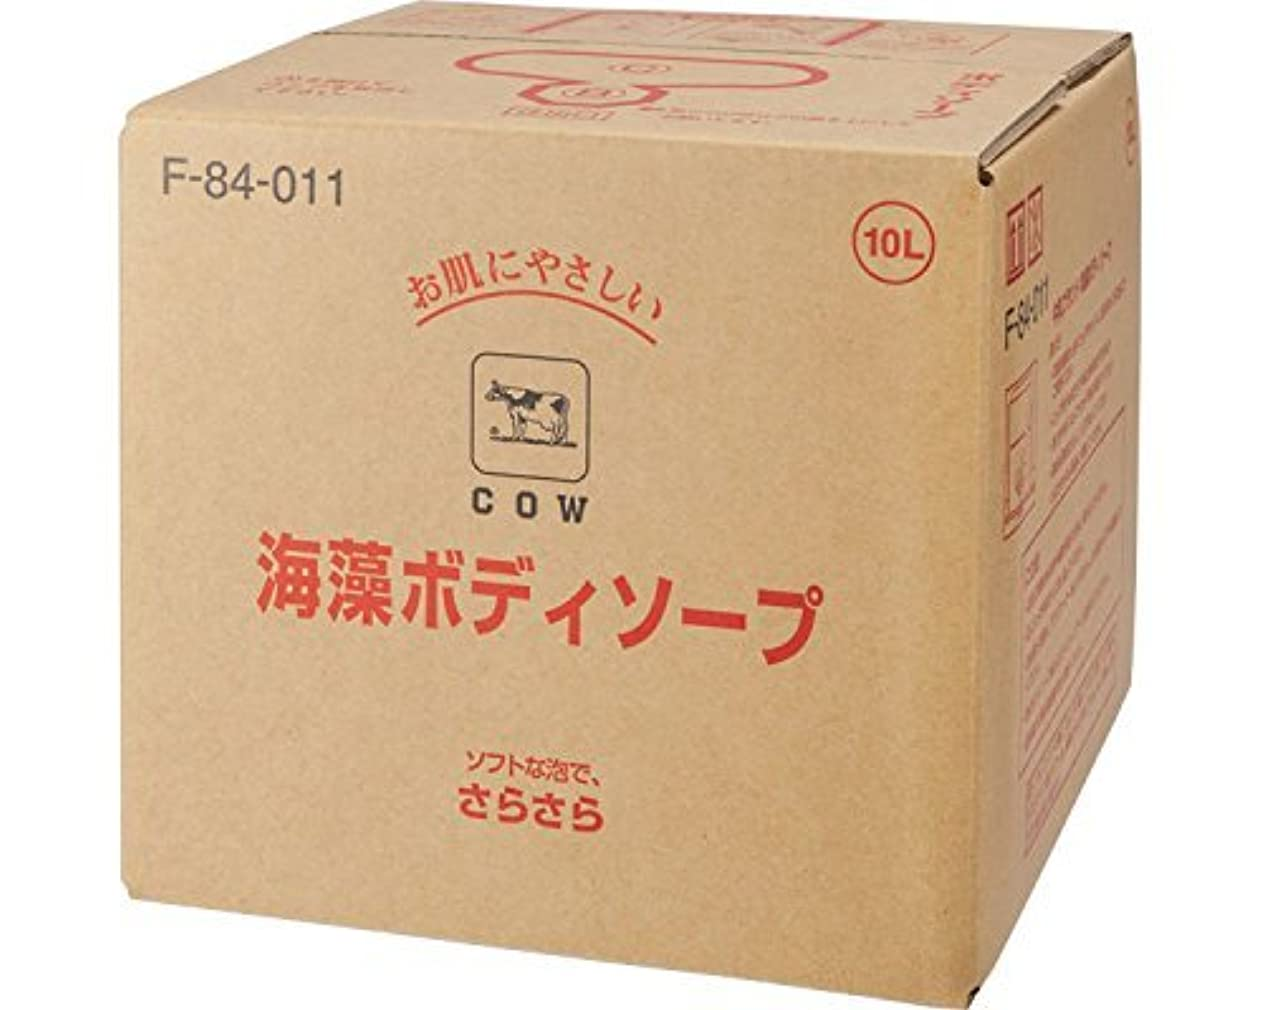 六避難するコピー牛乳ブランド 海藻ボディソープ /  10L F-84-011 【牛乳石鹸】 【清拭小物】